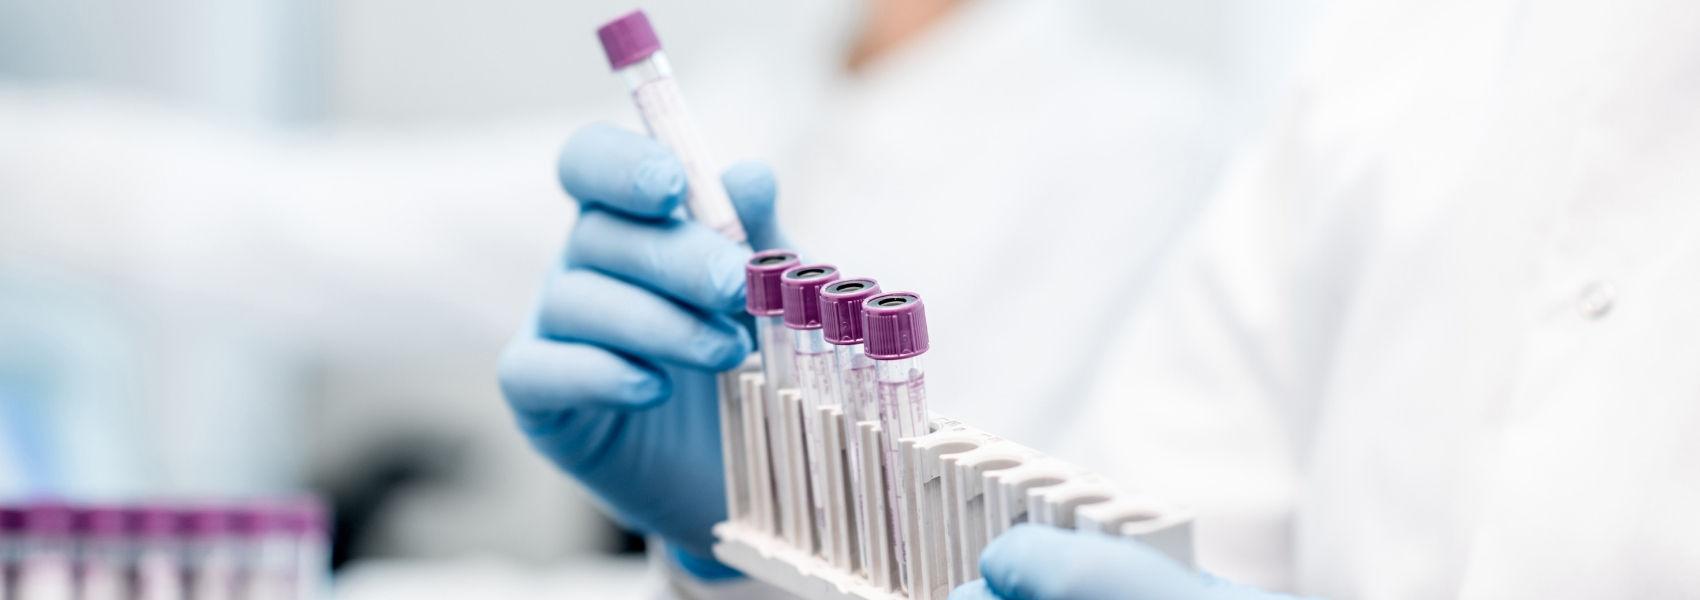 Equipa nacional descobre mecanismo de formação do vírus da gripe A